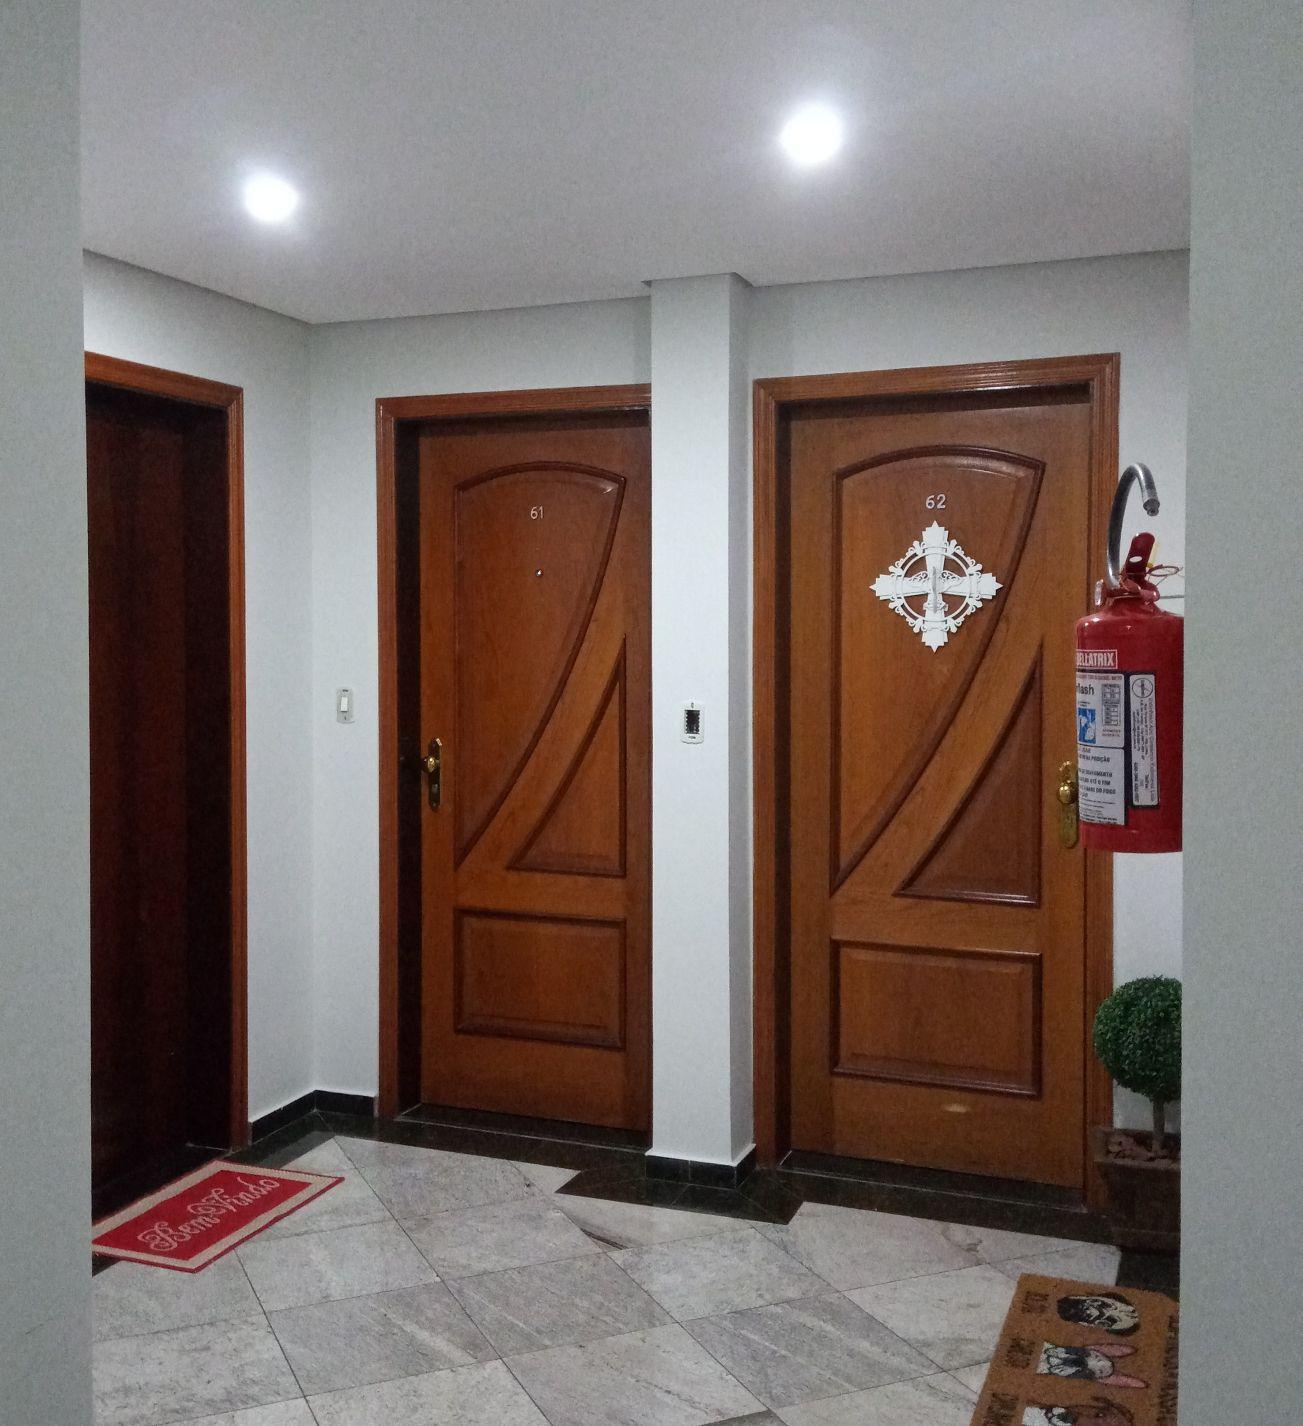 pintura de hall de apartamentos